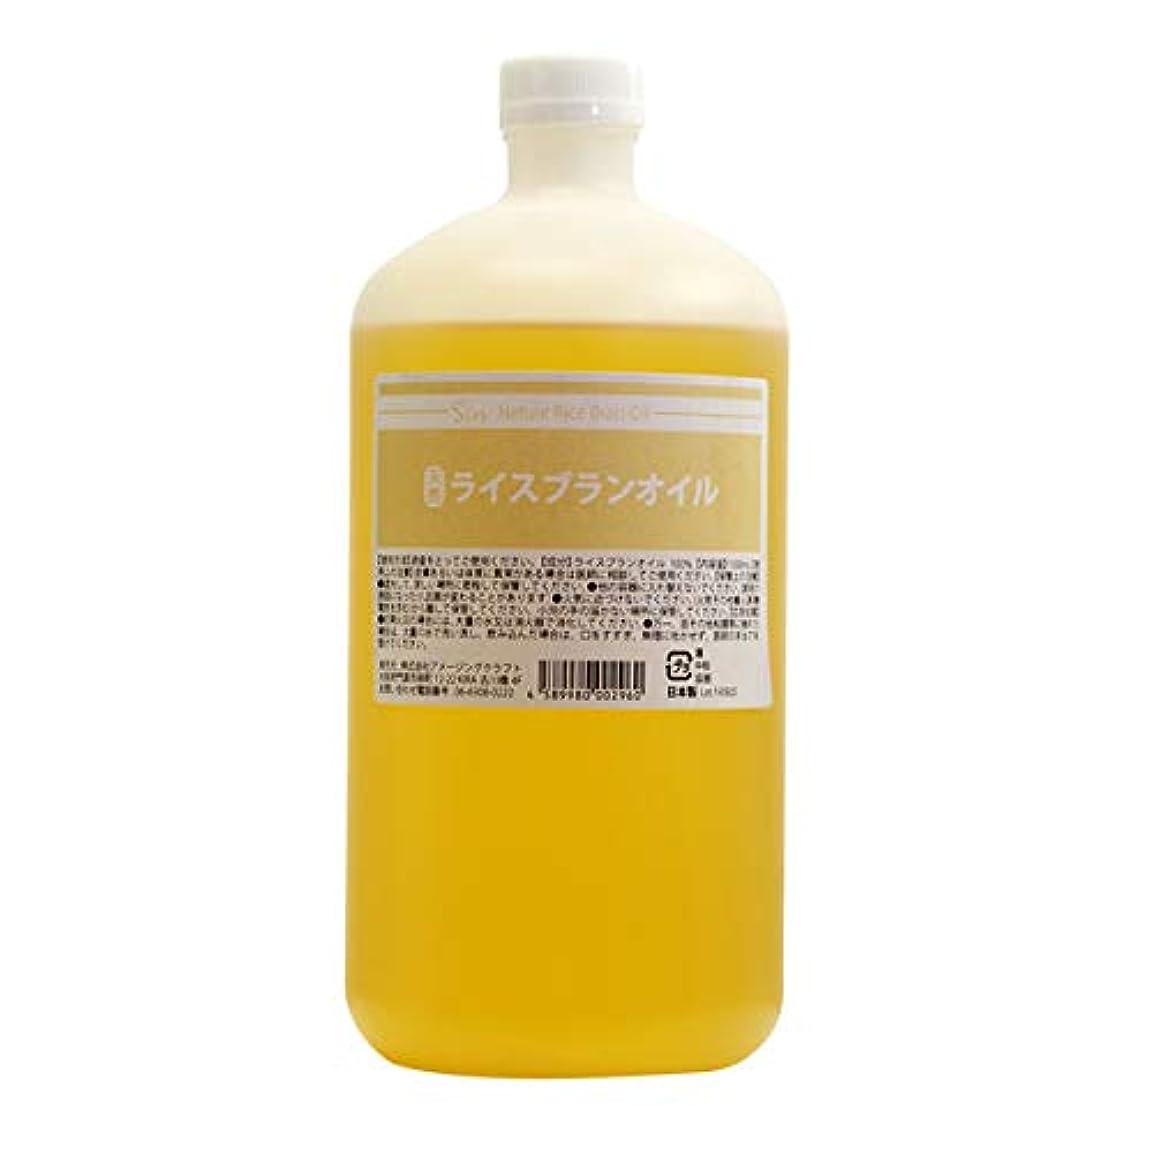 助けて小康カウントアップ国内精製 ライスブランオイル 1000ml (1L)